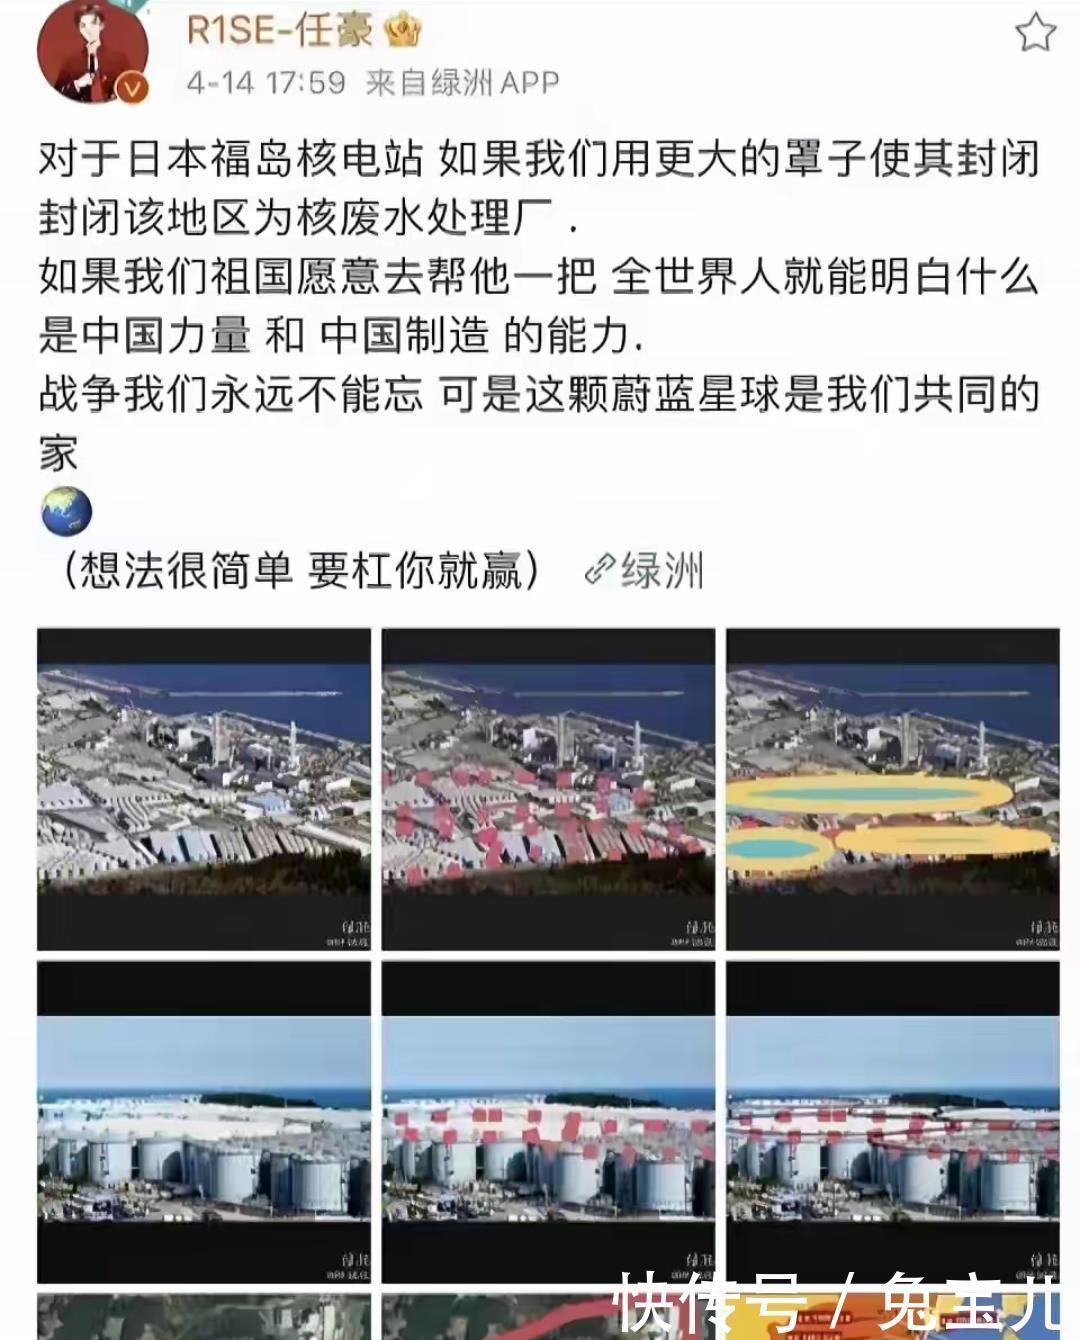 中國應該替日本處理核廢水?任豪諂媚醜態,連日本人都不好意思了